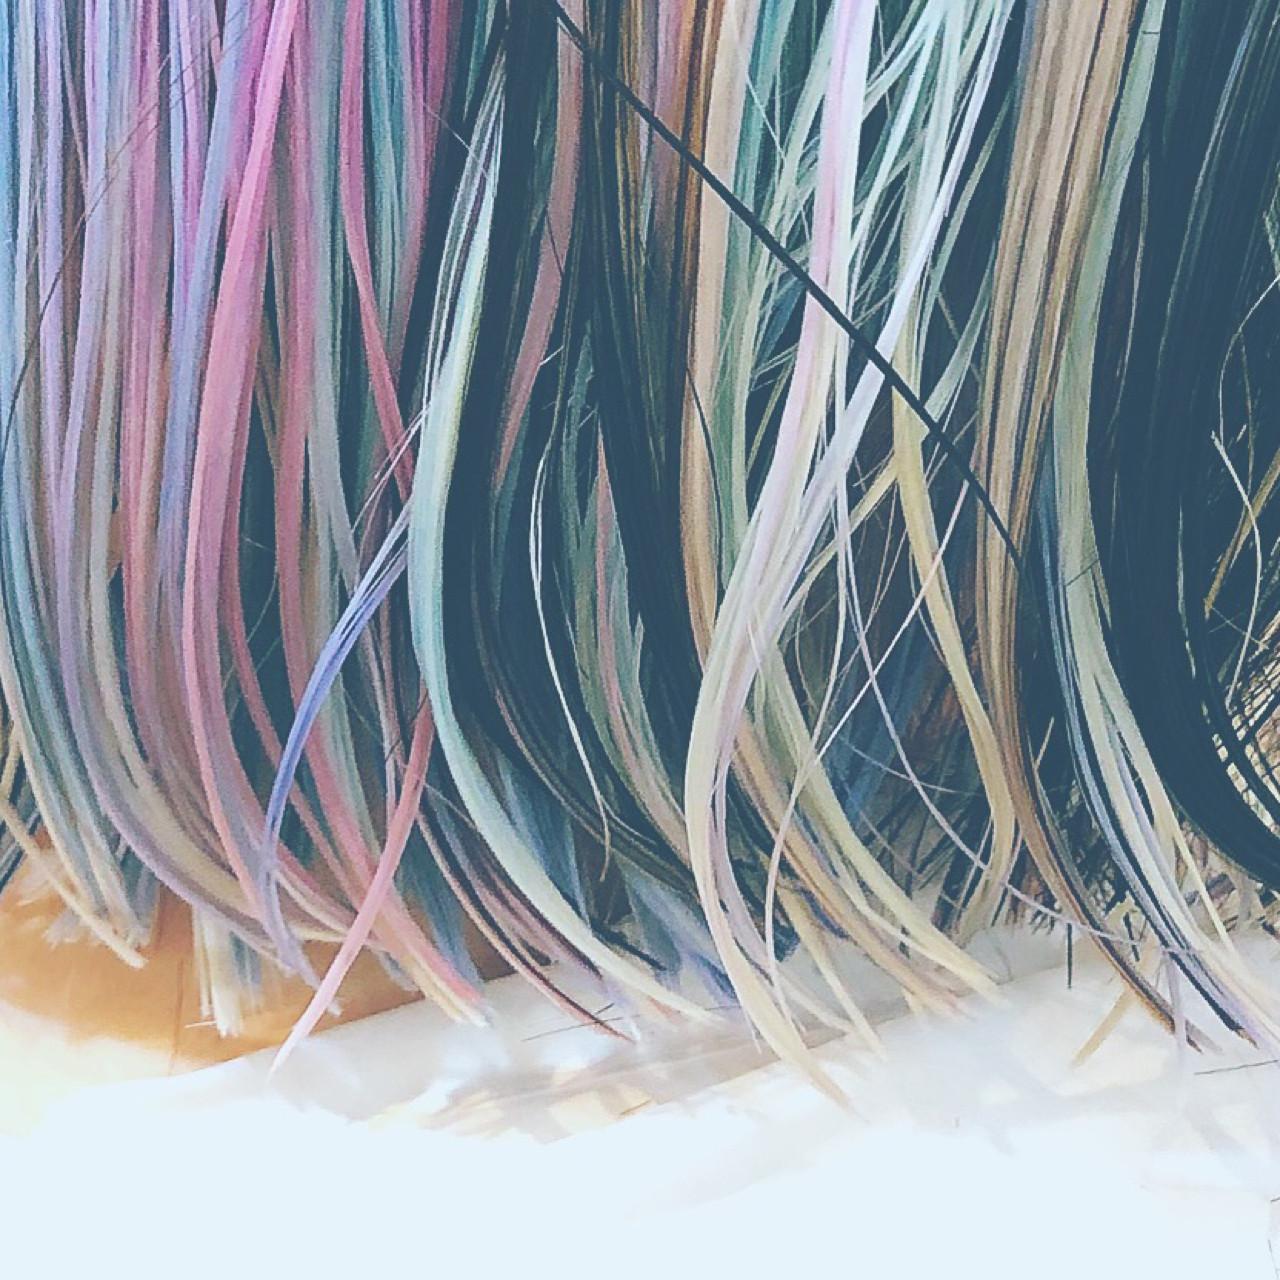 ボブ ガーリー ピンク ハイライトヘアスタイルや髪型の写真・画像